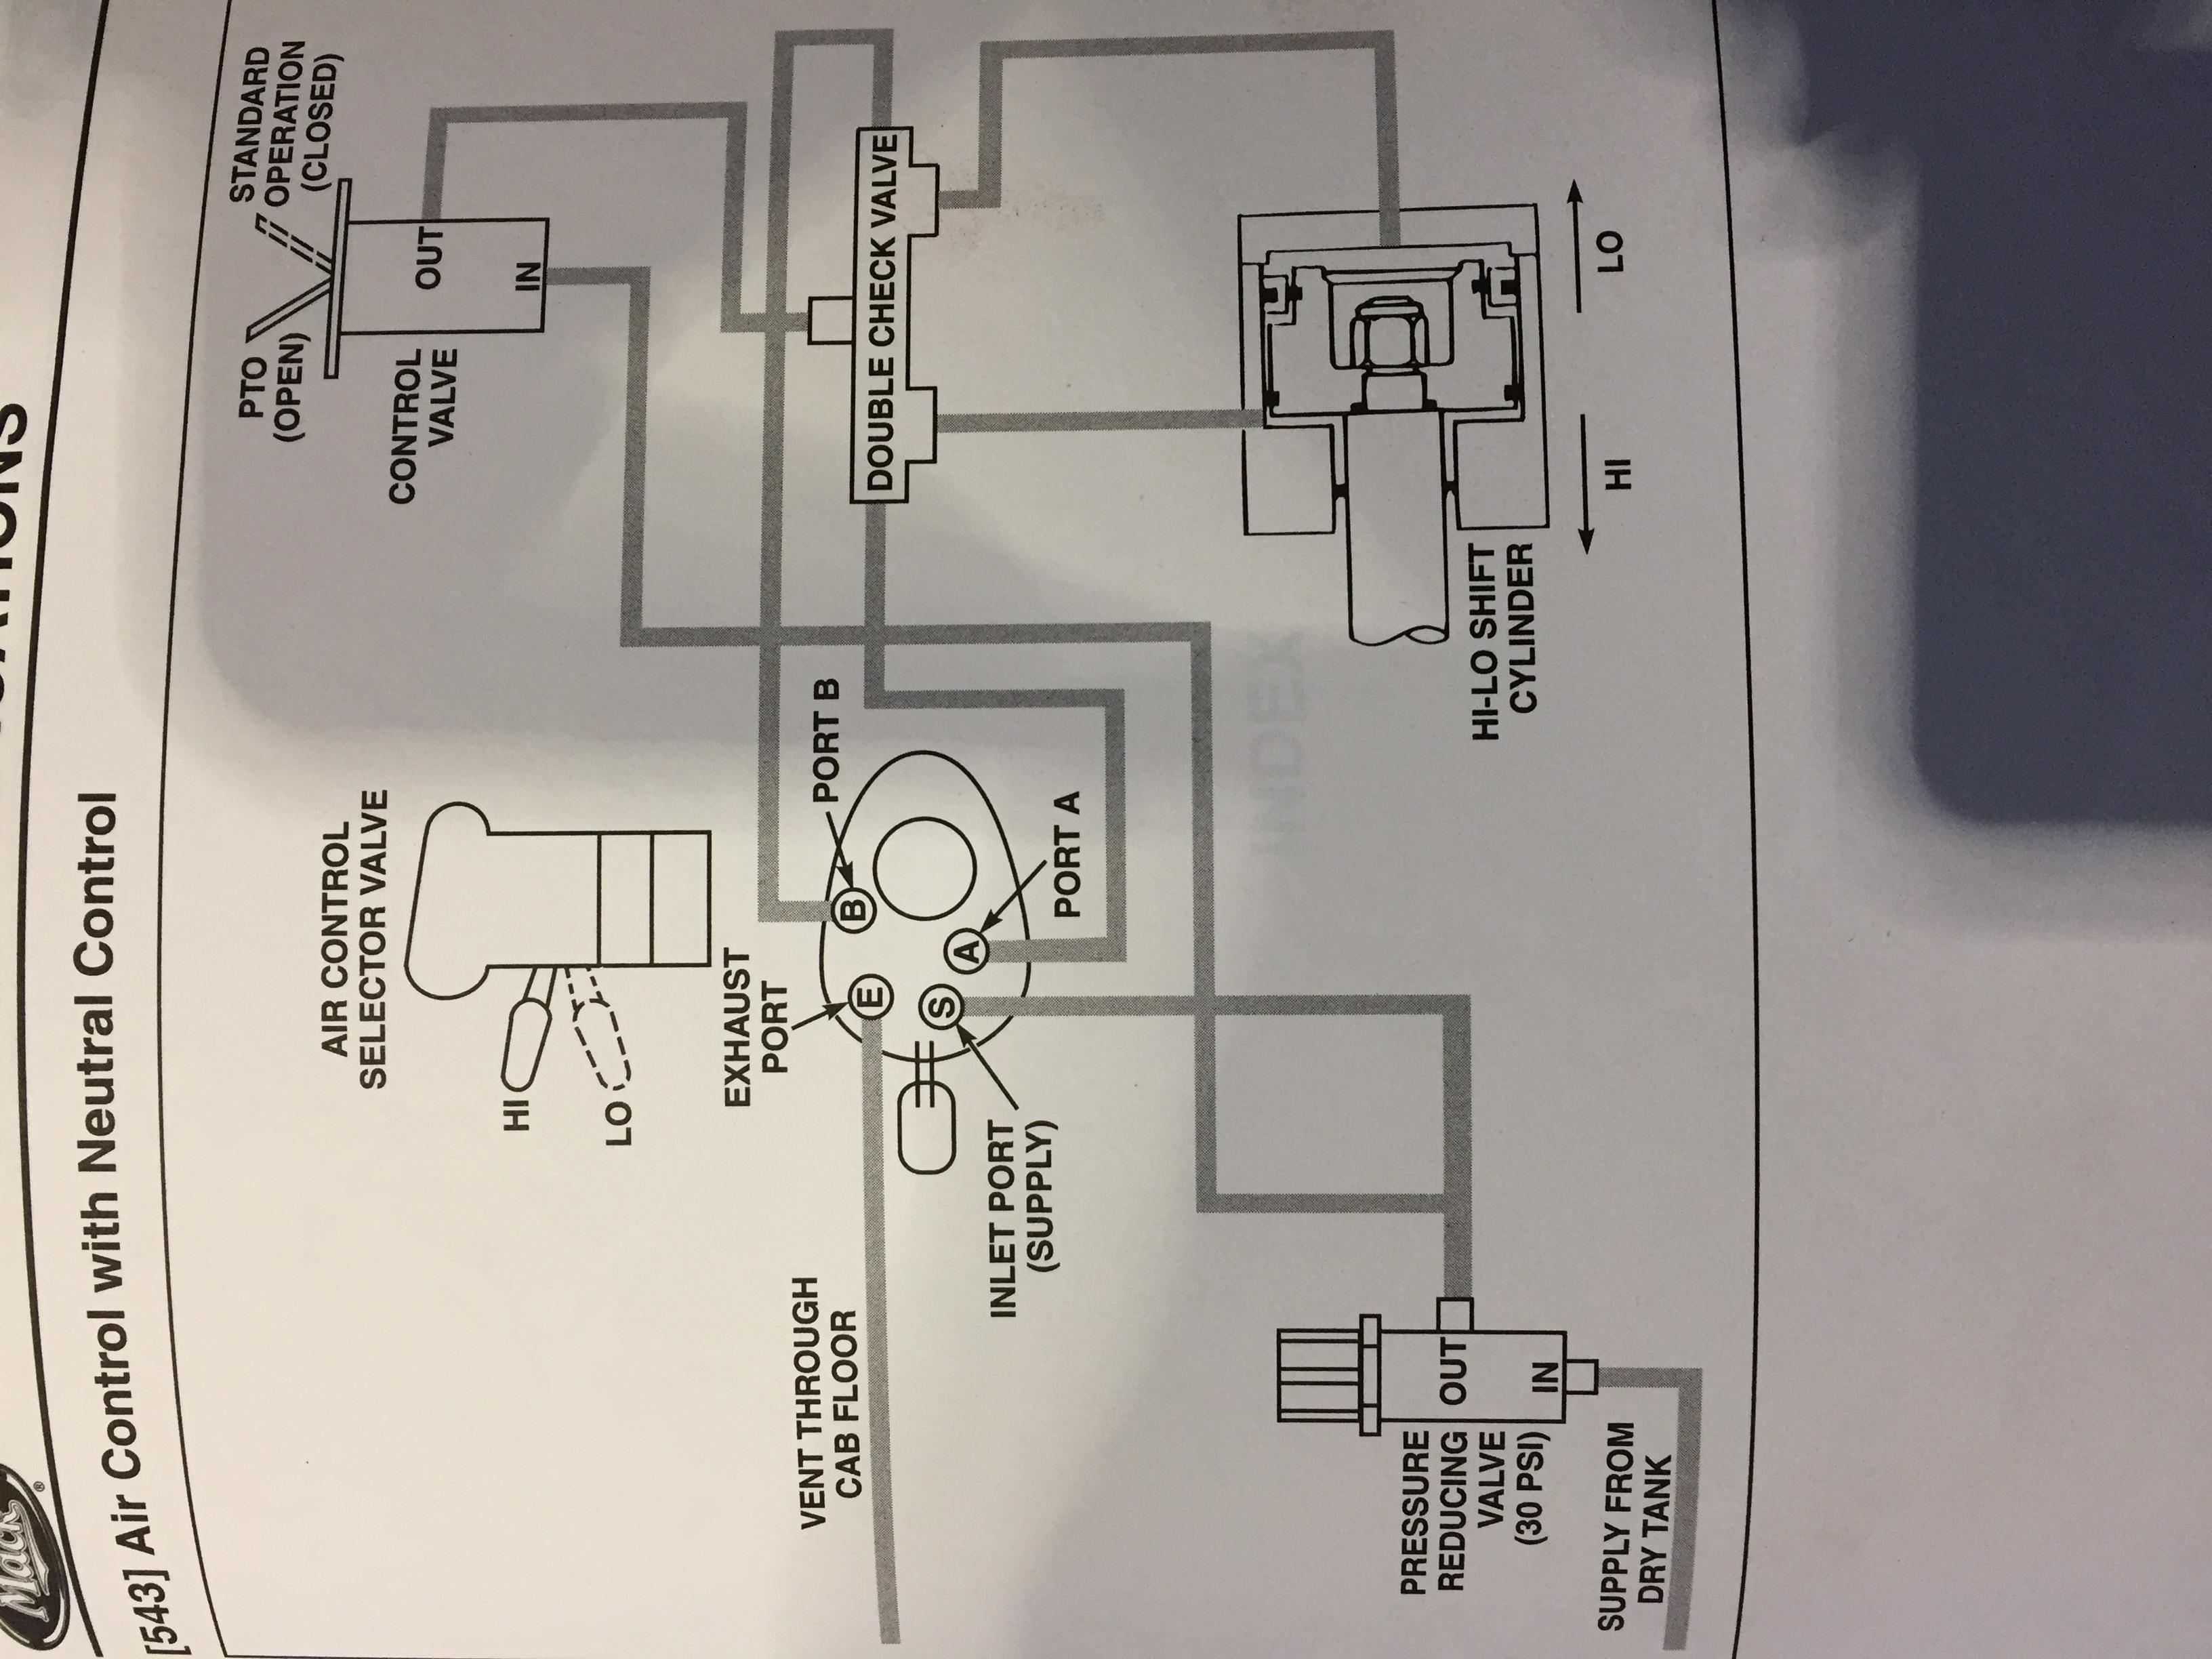 Mack Valve Diagram | Repair Manual on